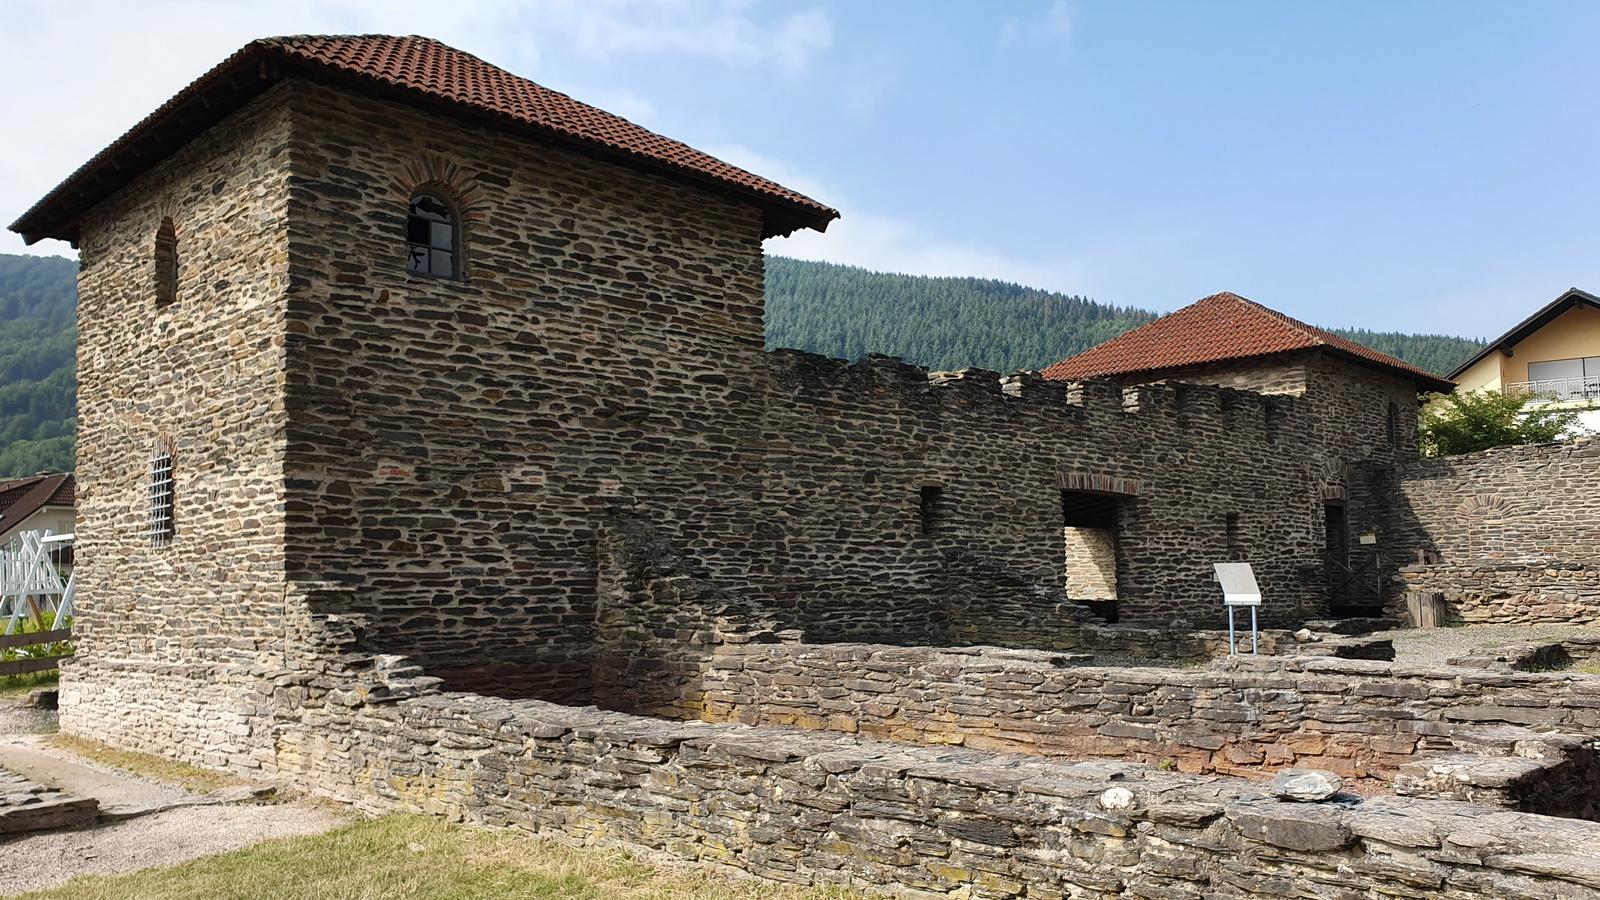 Villa Rustica in Mehring ist eine Ruine eines römischen Landsitzes.